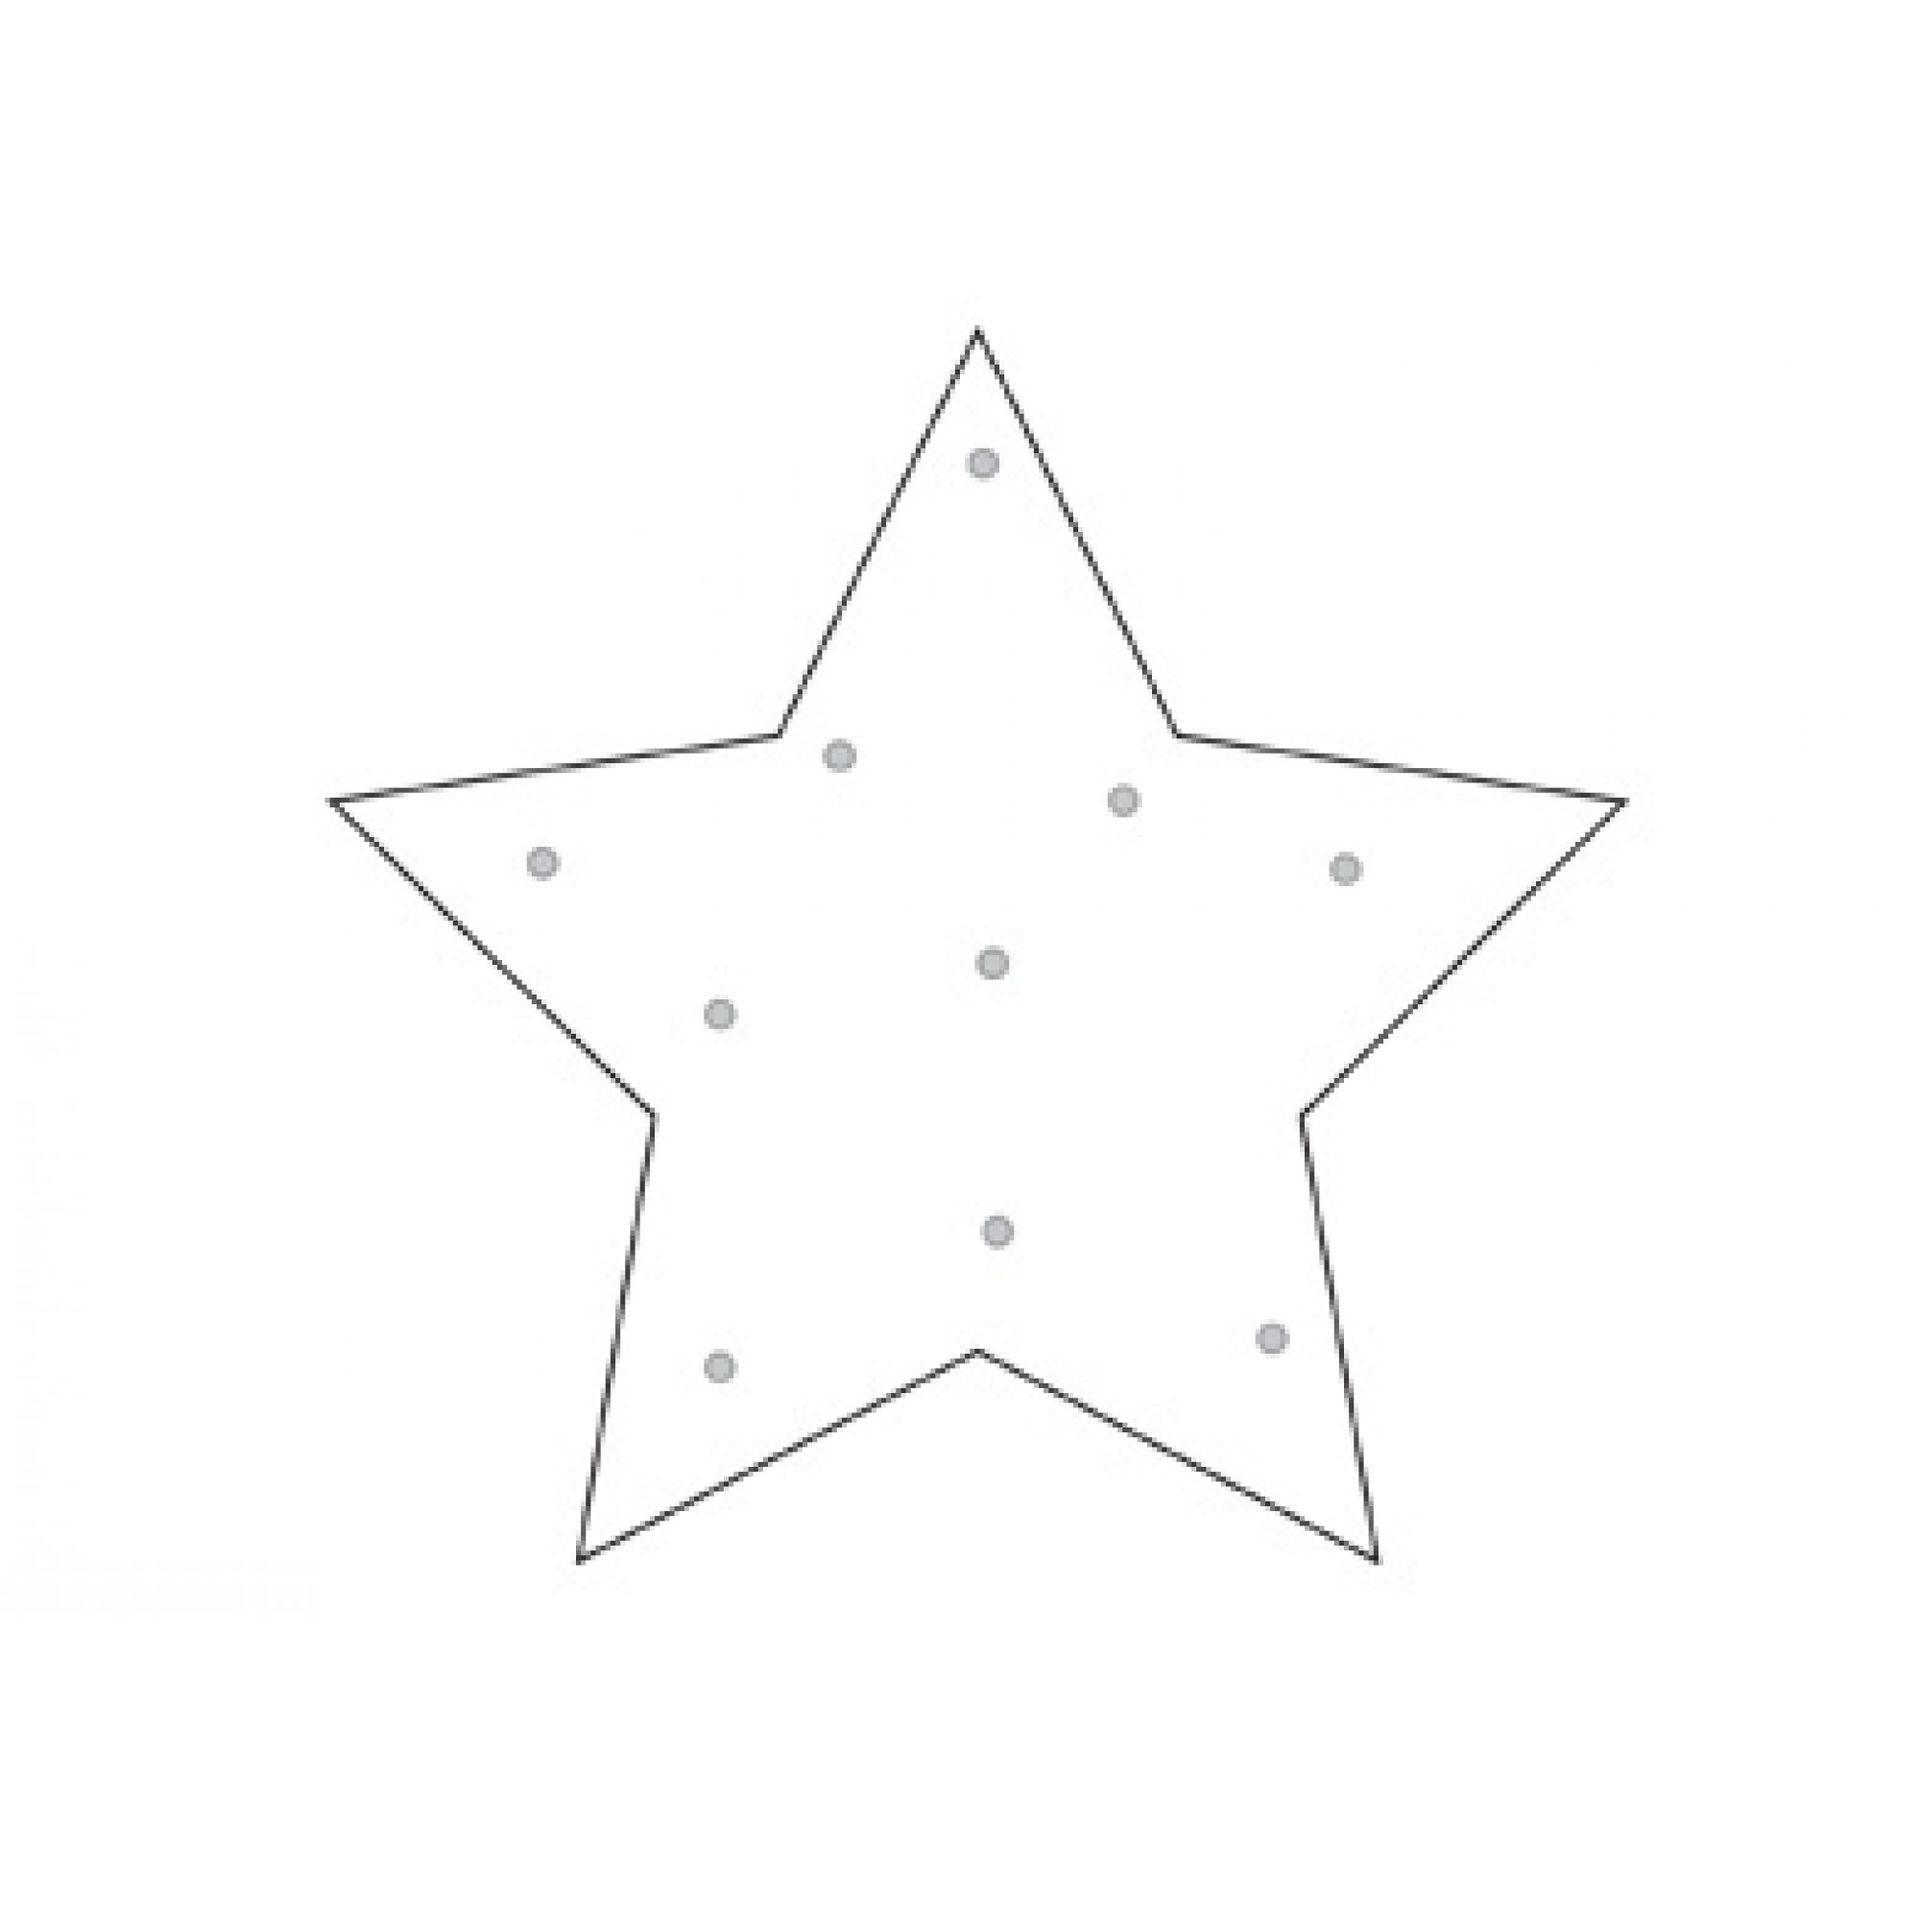 PODKŁADKA ANTYPOŚLIZGOWA ONEBALLJAY CLEAR STAR